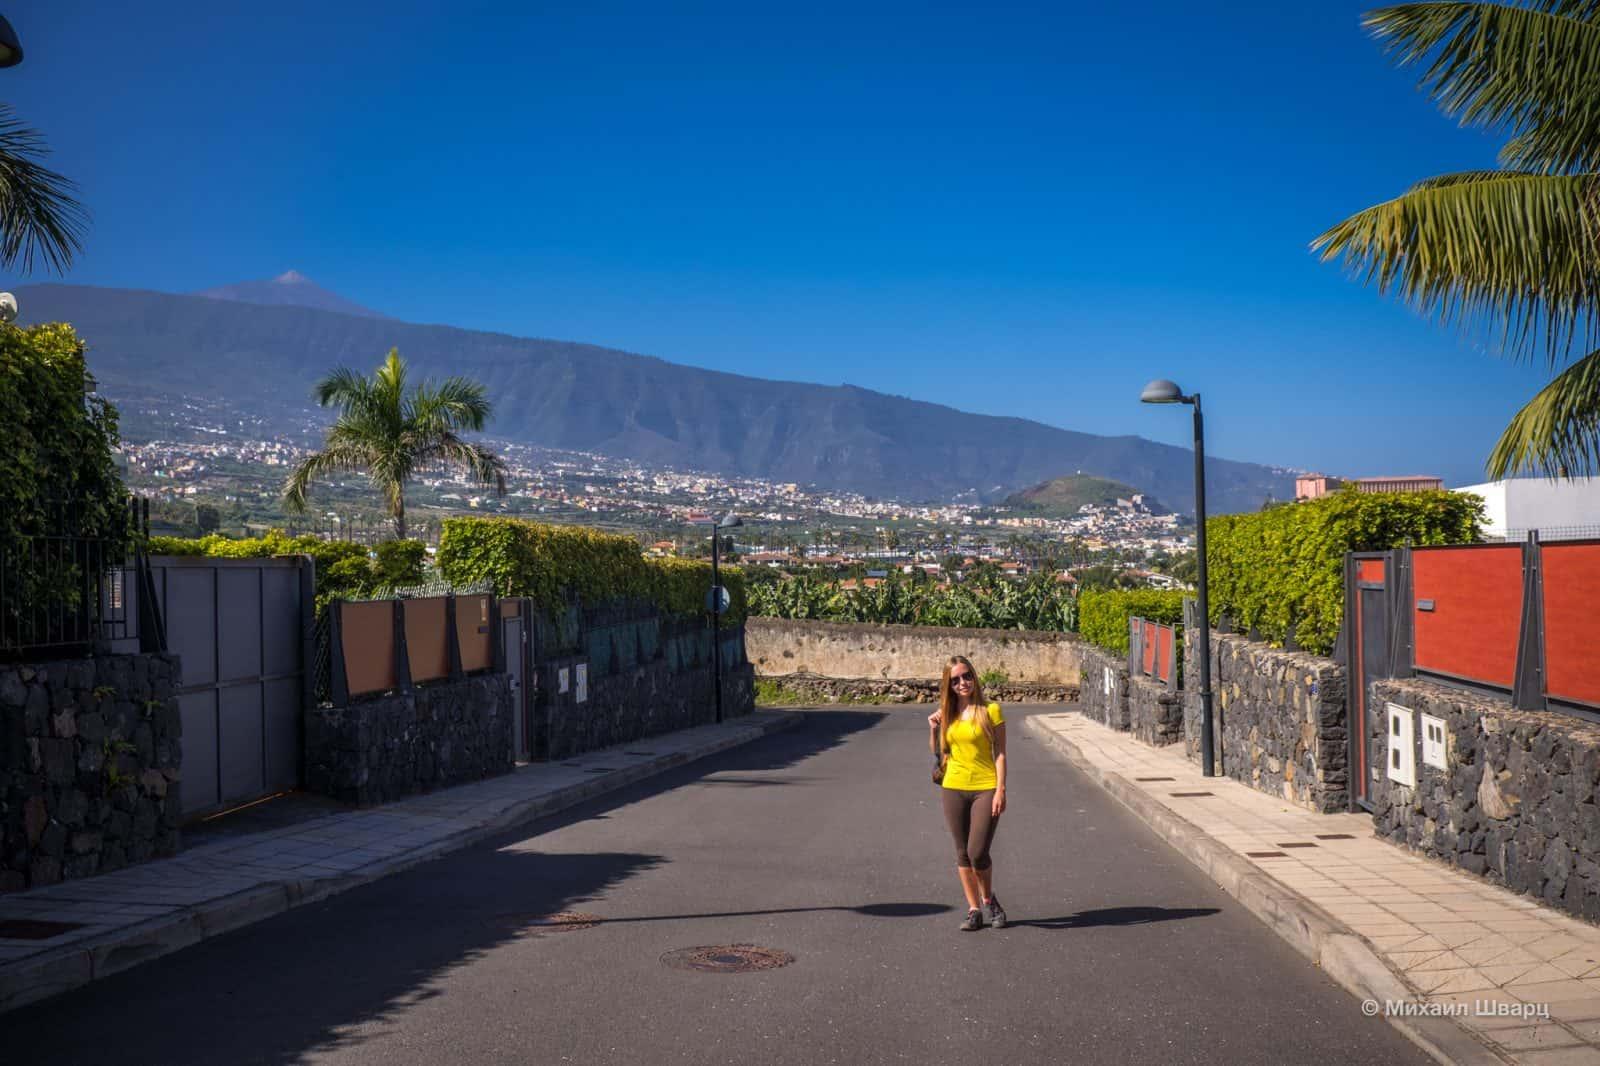 Пуэрто-де-ла-Круз, начинаем наш маршрут вдоль океана